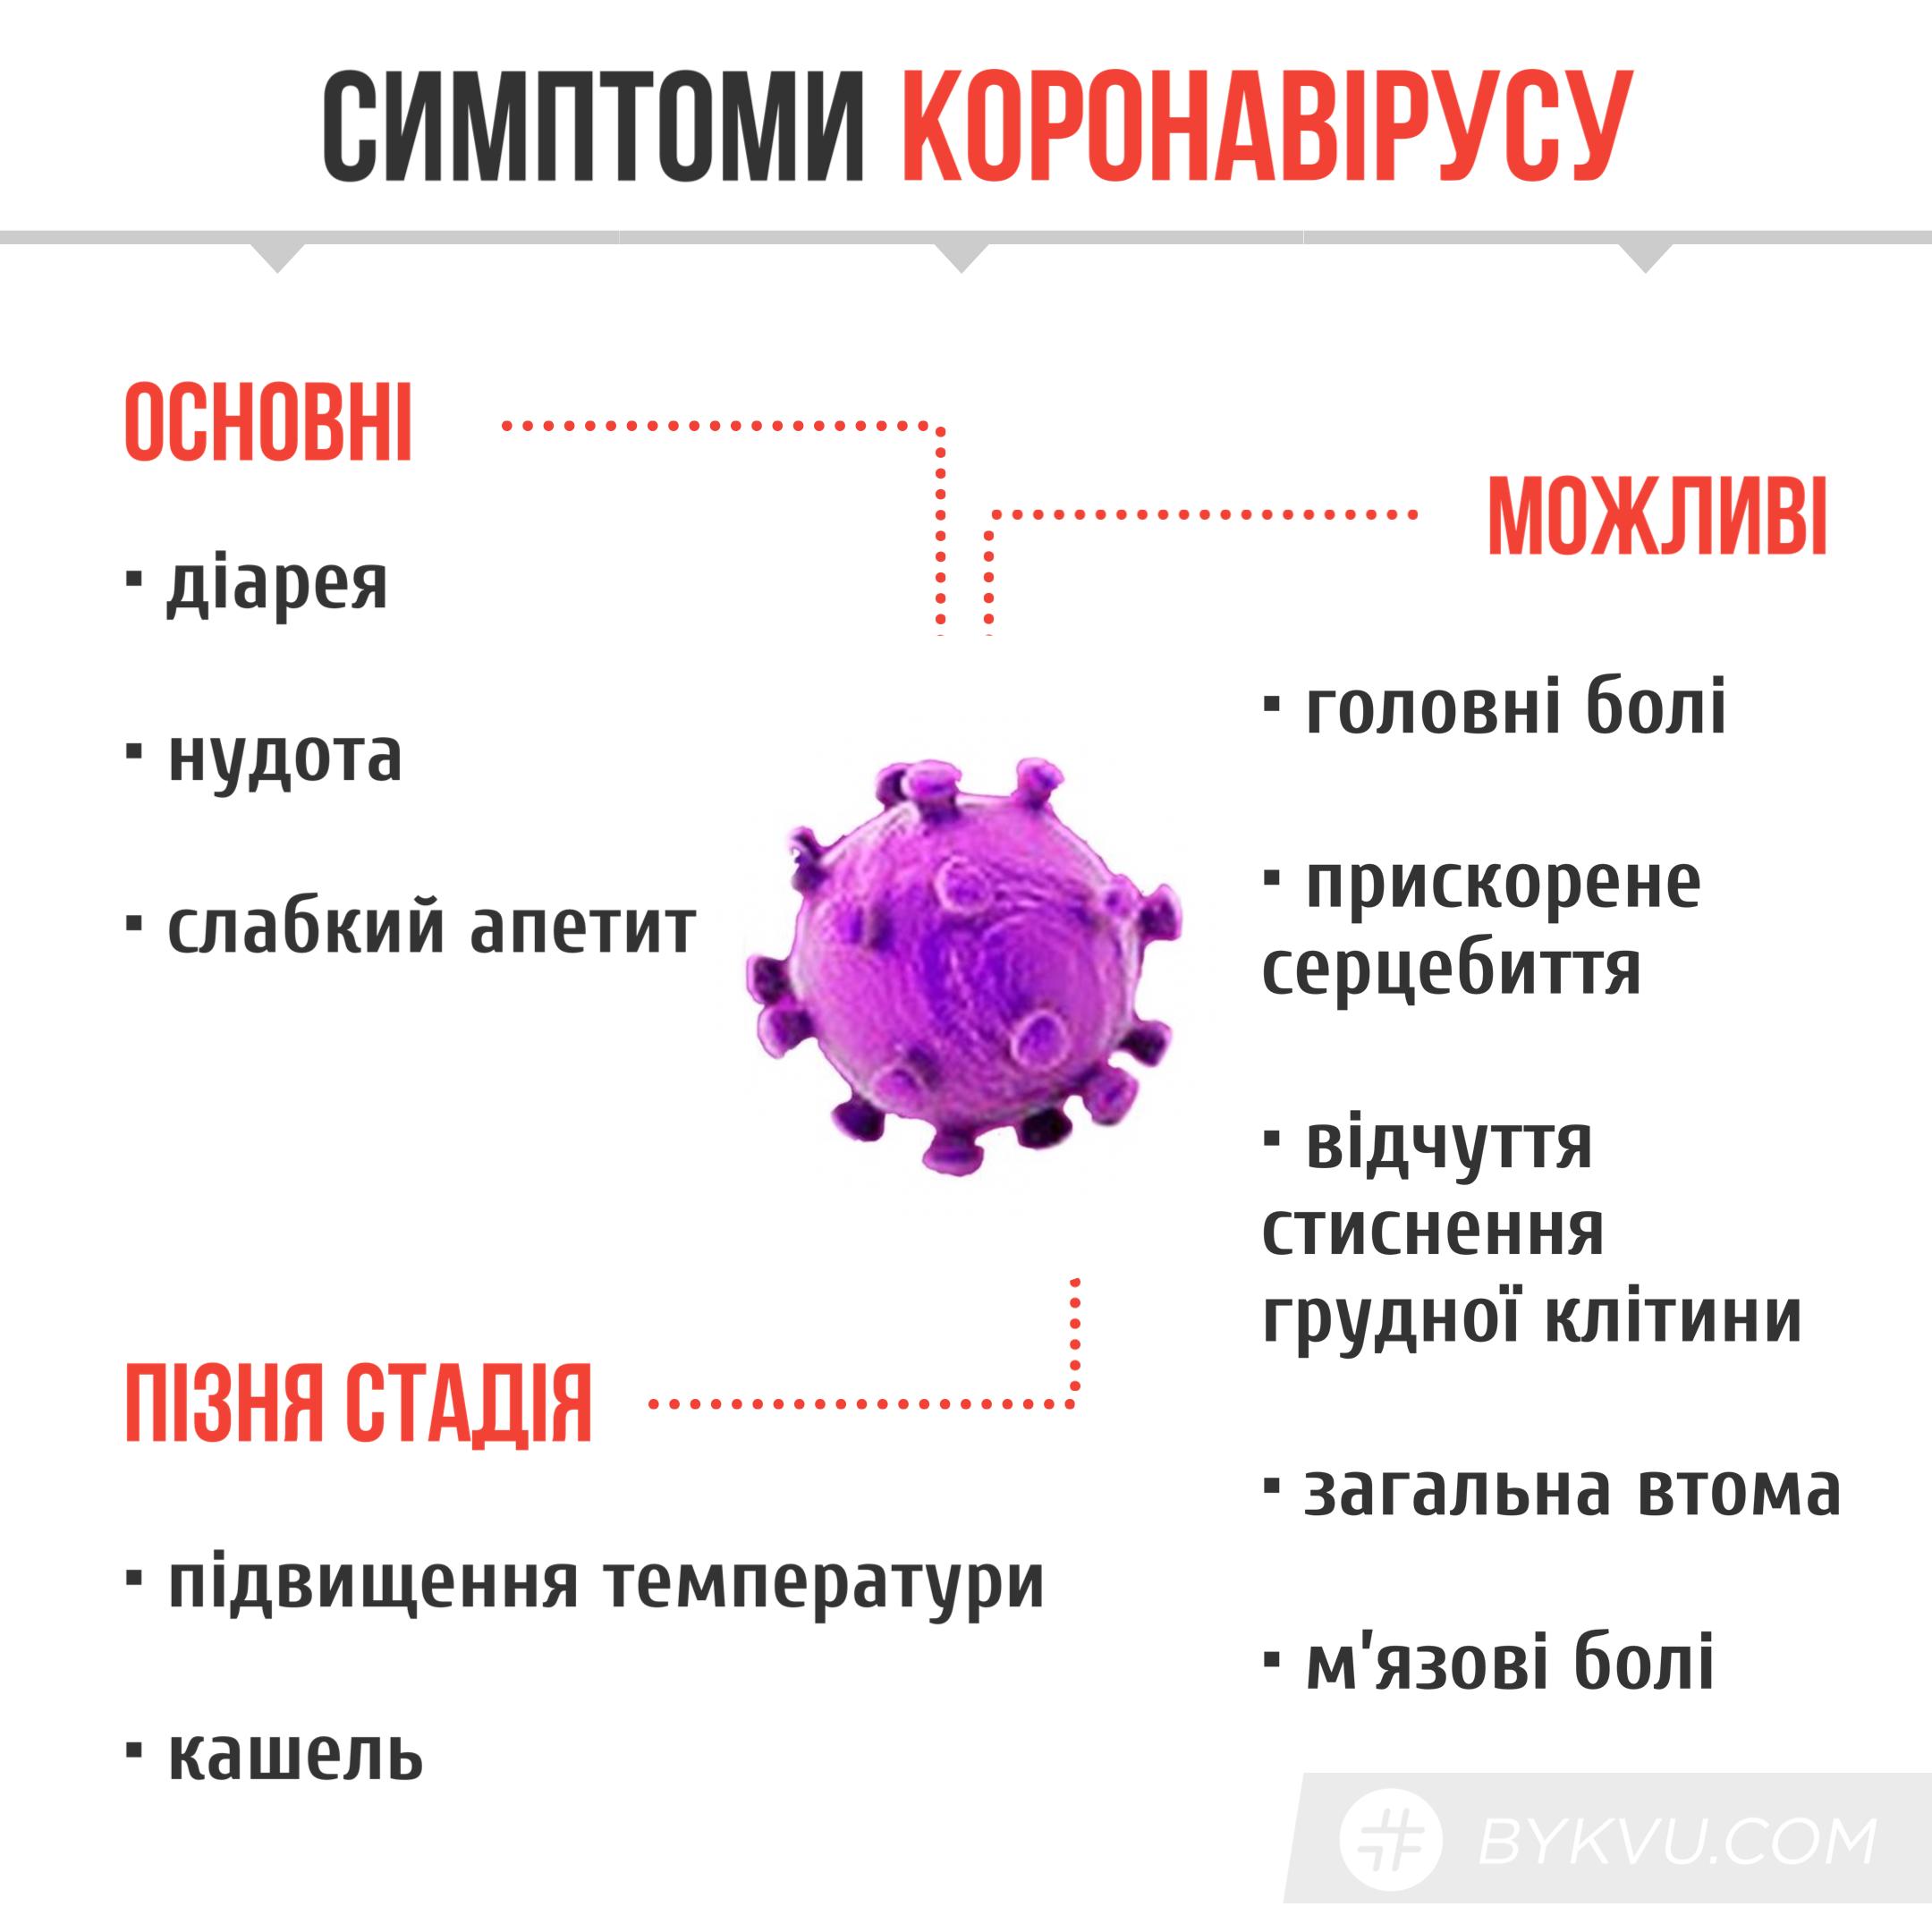 что такое коронавирусом